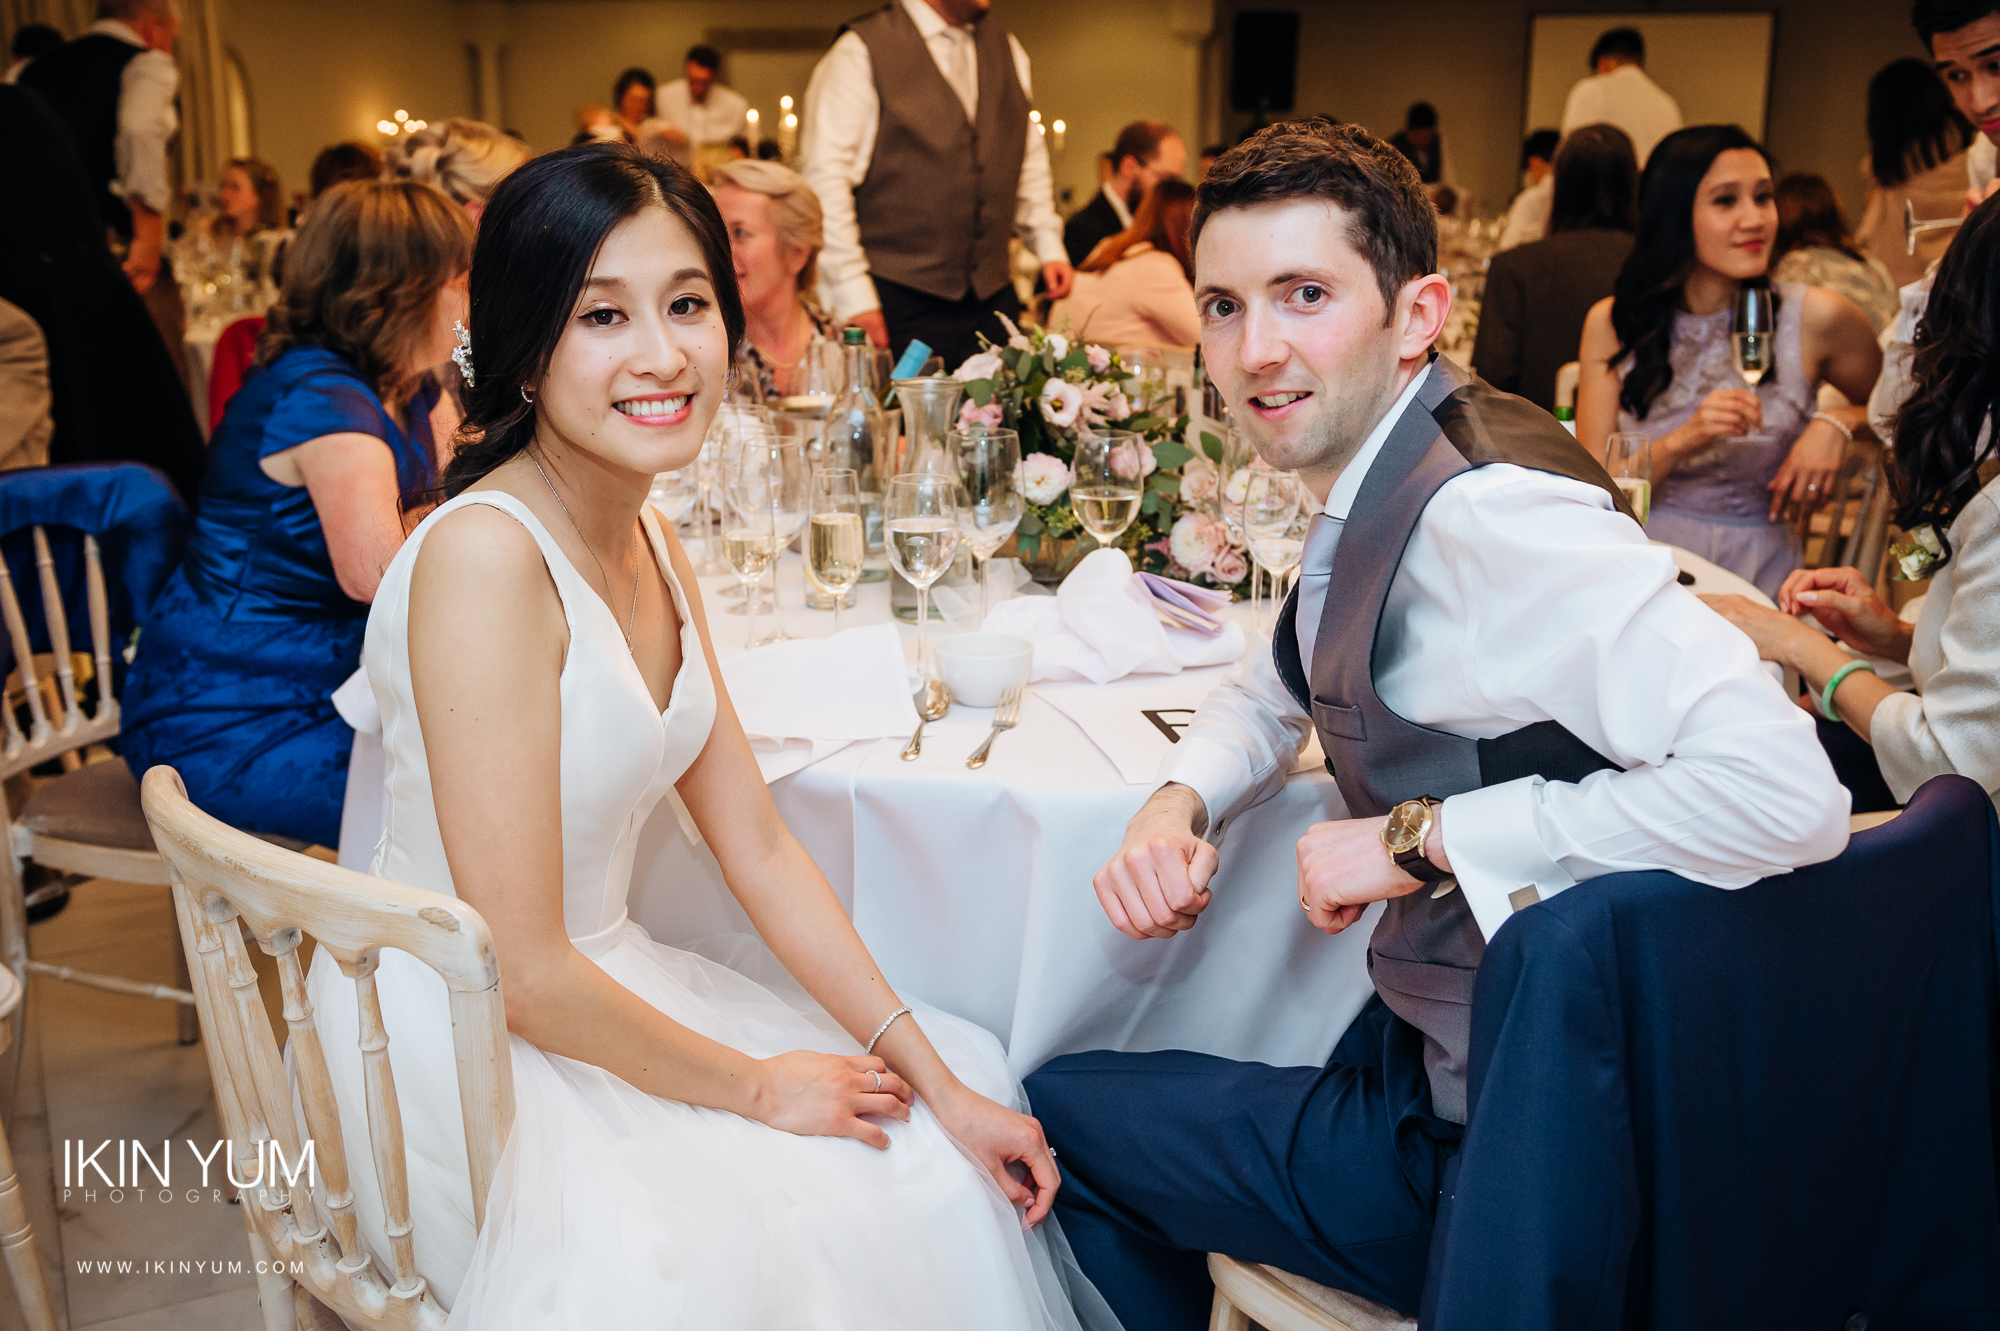 Nicola & Jonny Wedding Day - Ikin Yum Photography-125.jpg